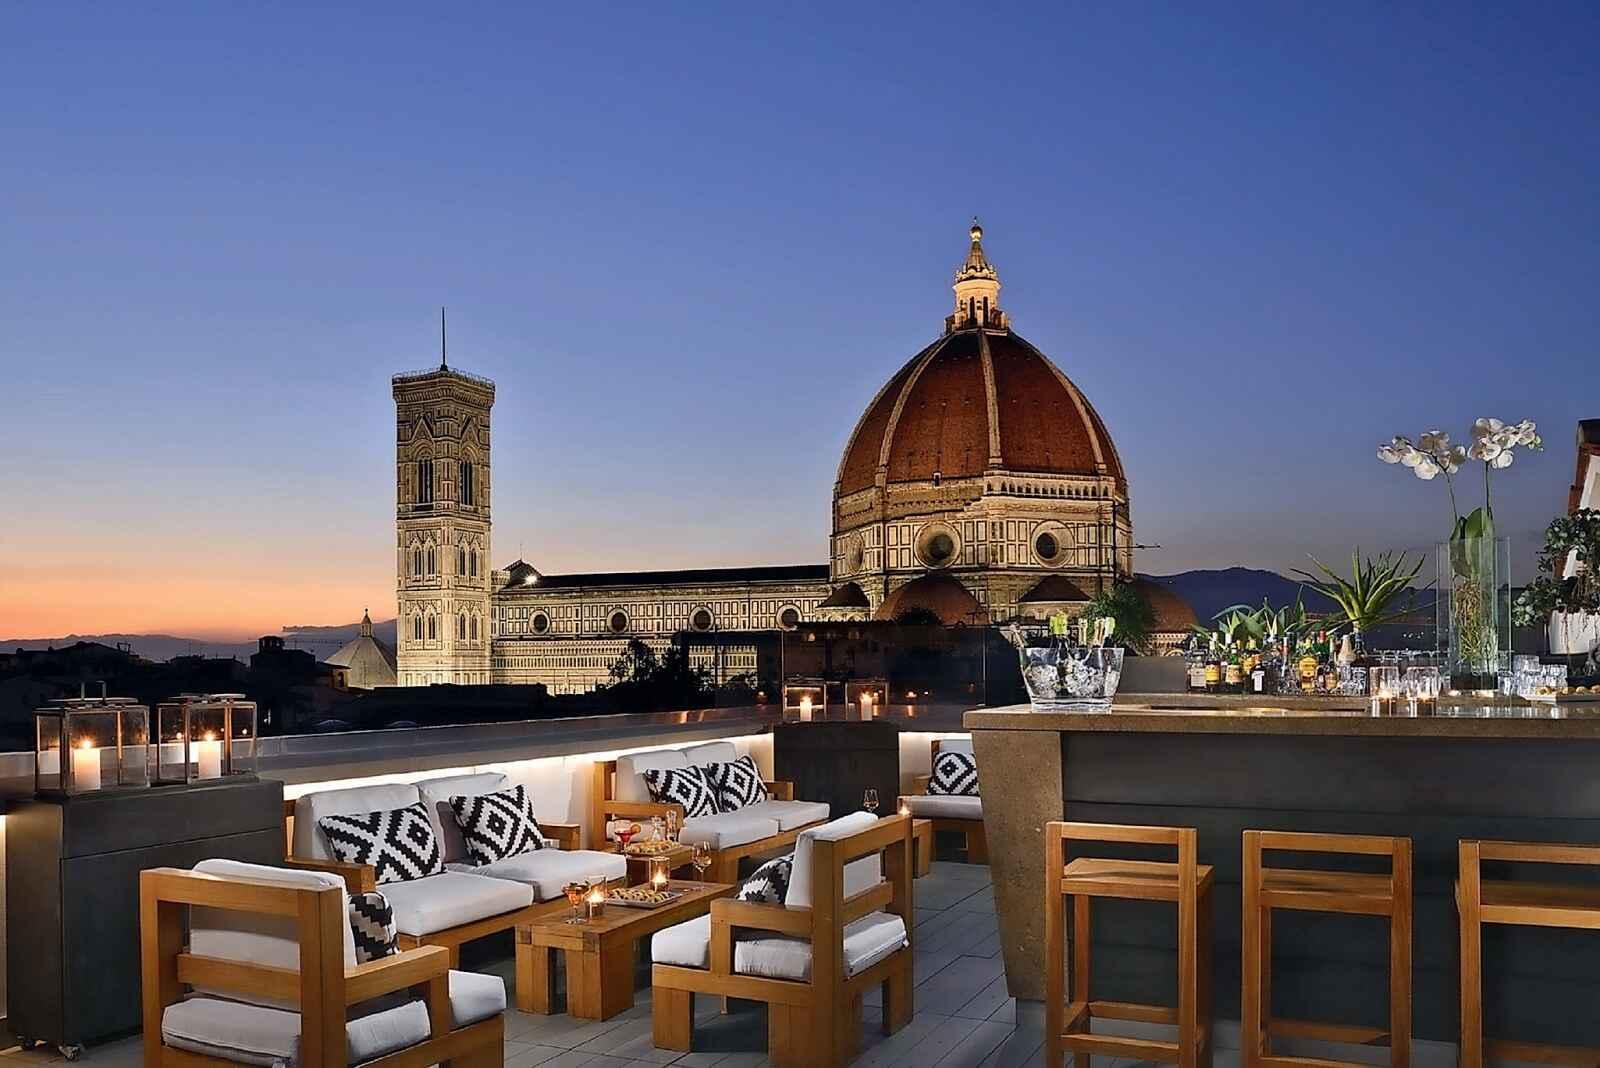 Séjour Italie - Grand Hôtel Cavour